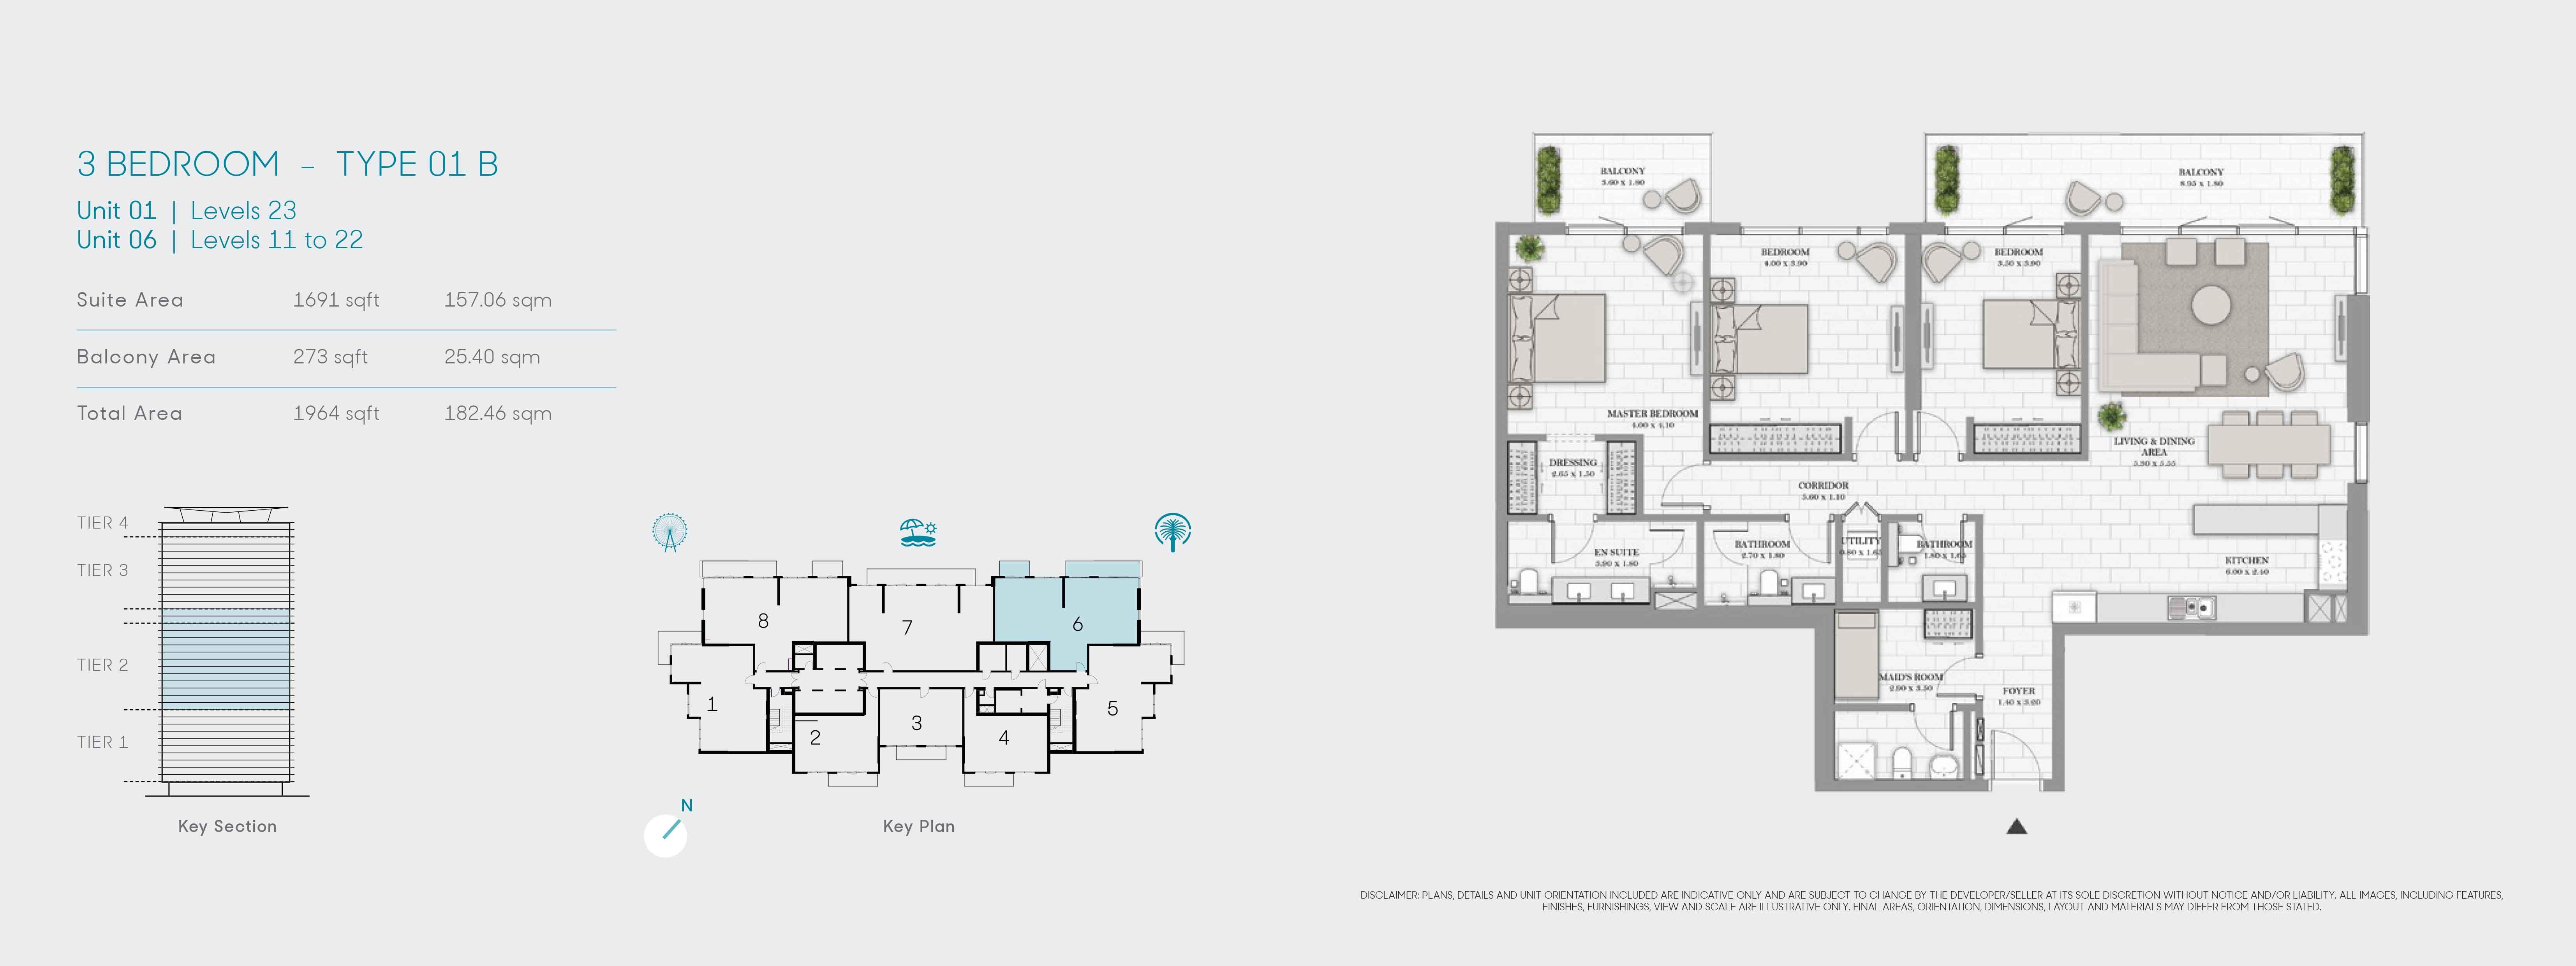 3 غرف نوم،  نوع 01 B ، حجم 1964 قدم مربع